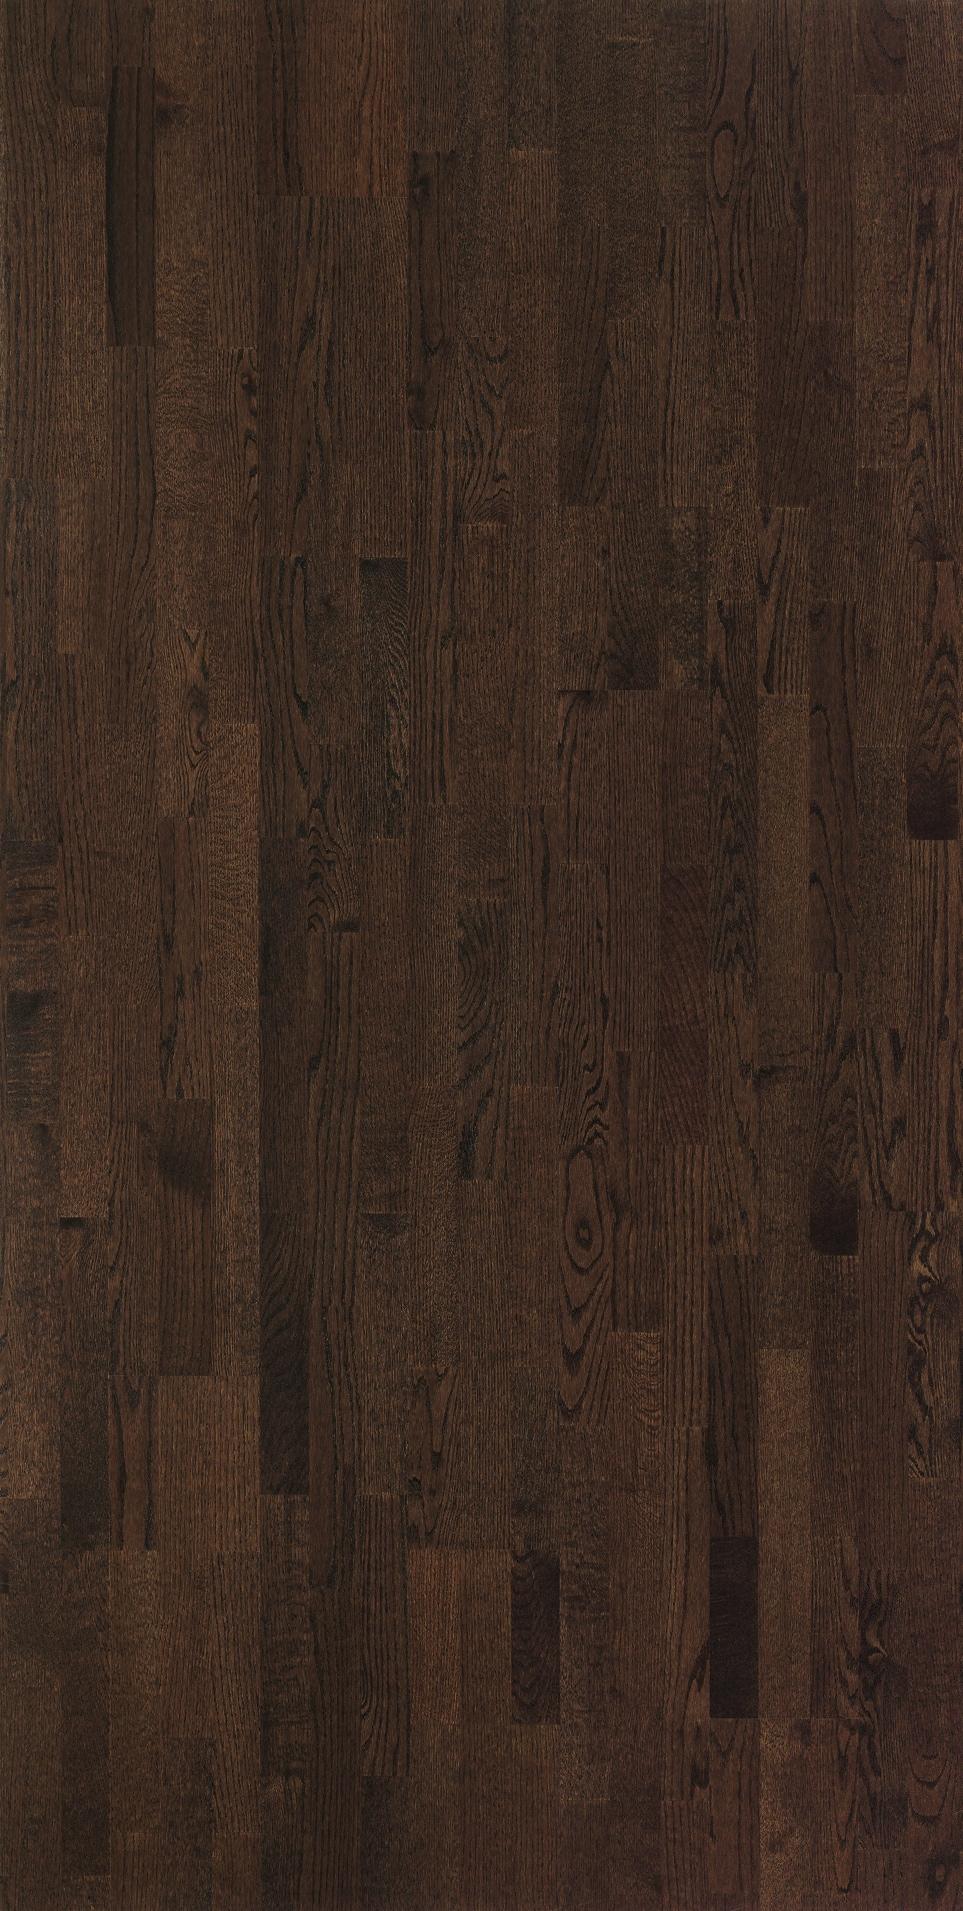 PARADOR Parkett »Basic Rustikal - Eiche Tabacco, lackiert«, 1080 x 185 mm, Stärke: 11,5 mm, 2,2 m² | Baumarkt > Bodenbeläge > Parkett | Braun | Eiche - Lackiert | PARADOR